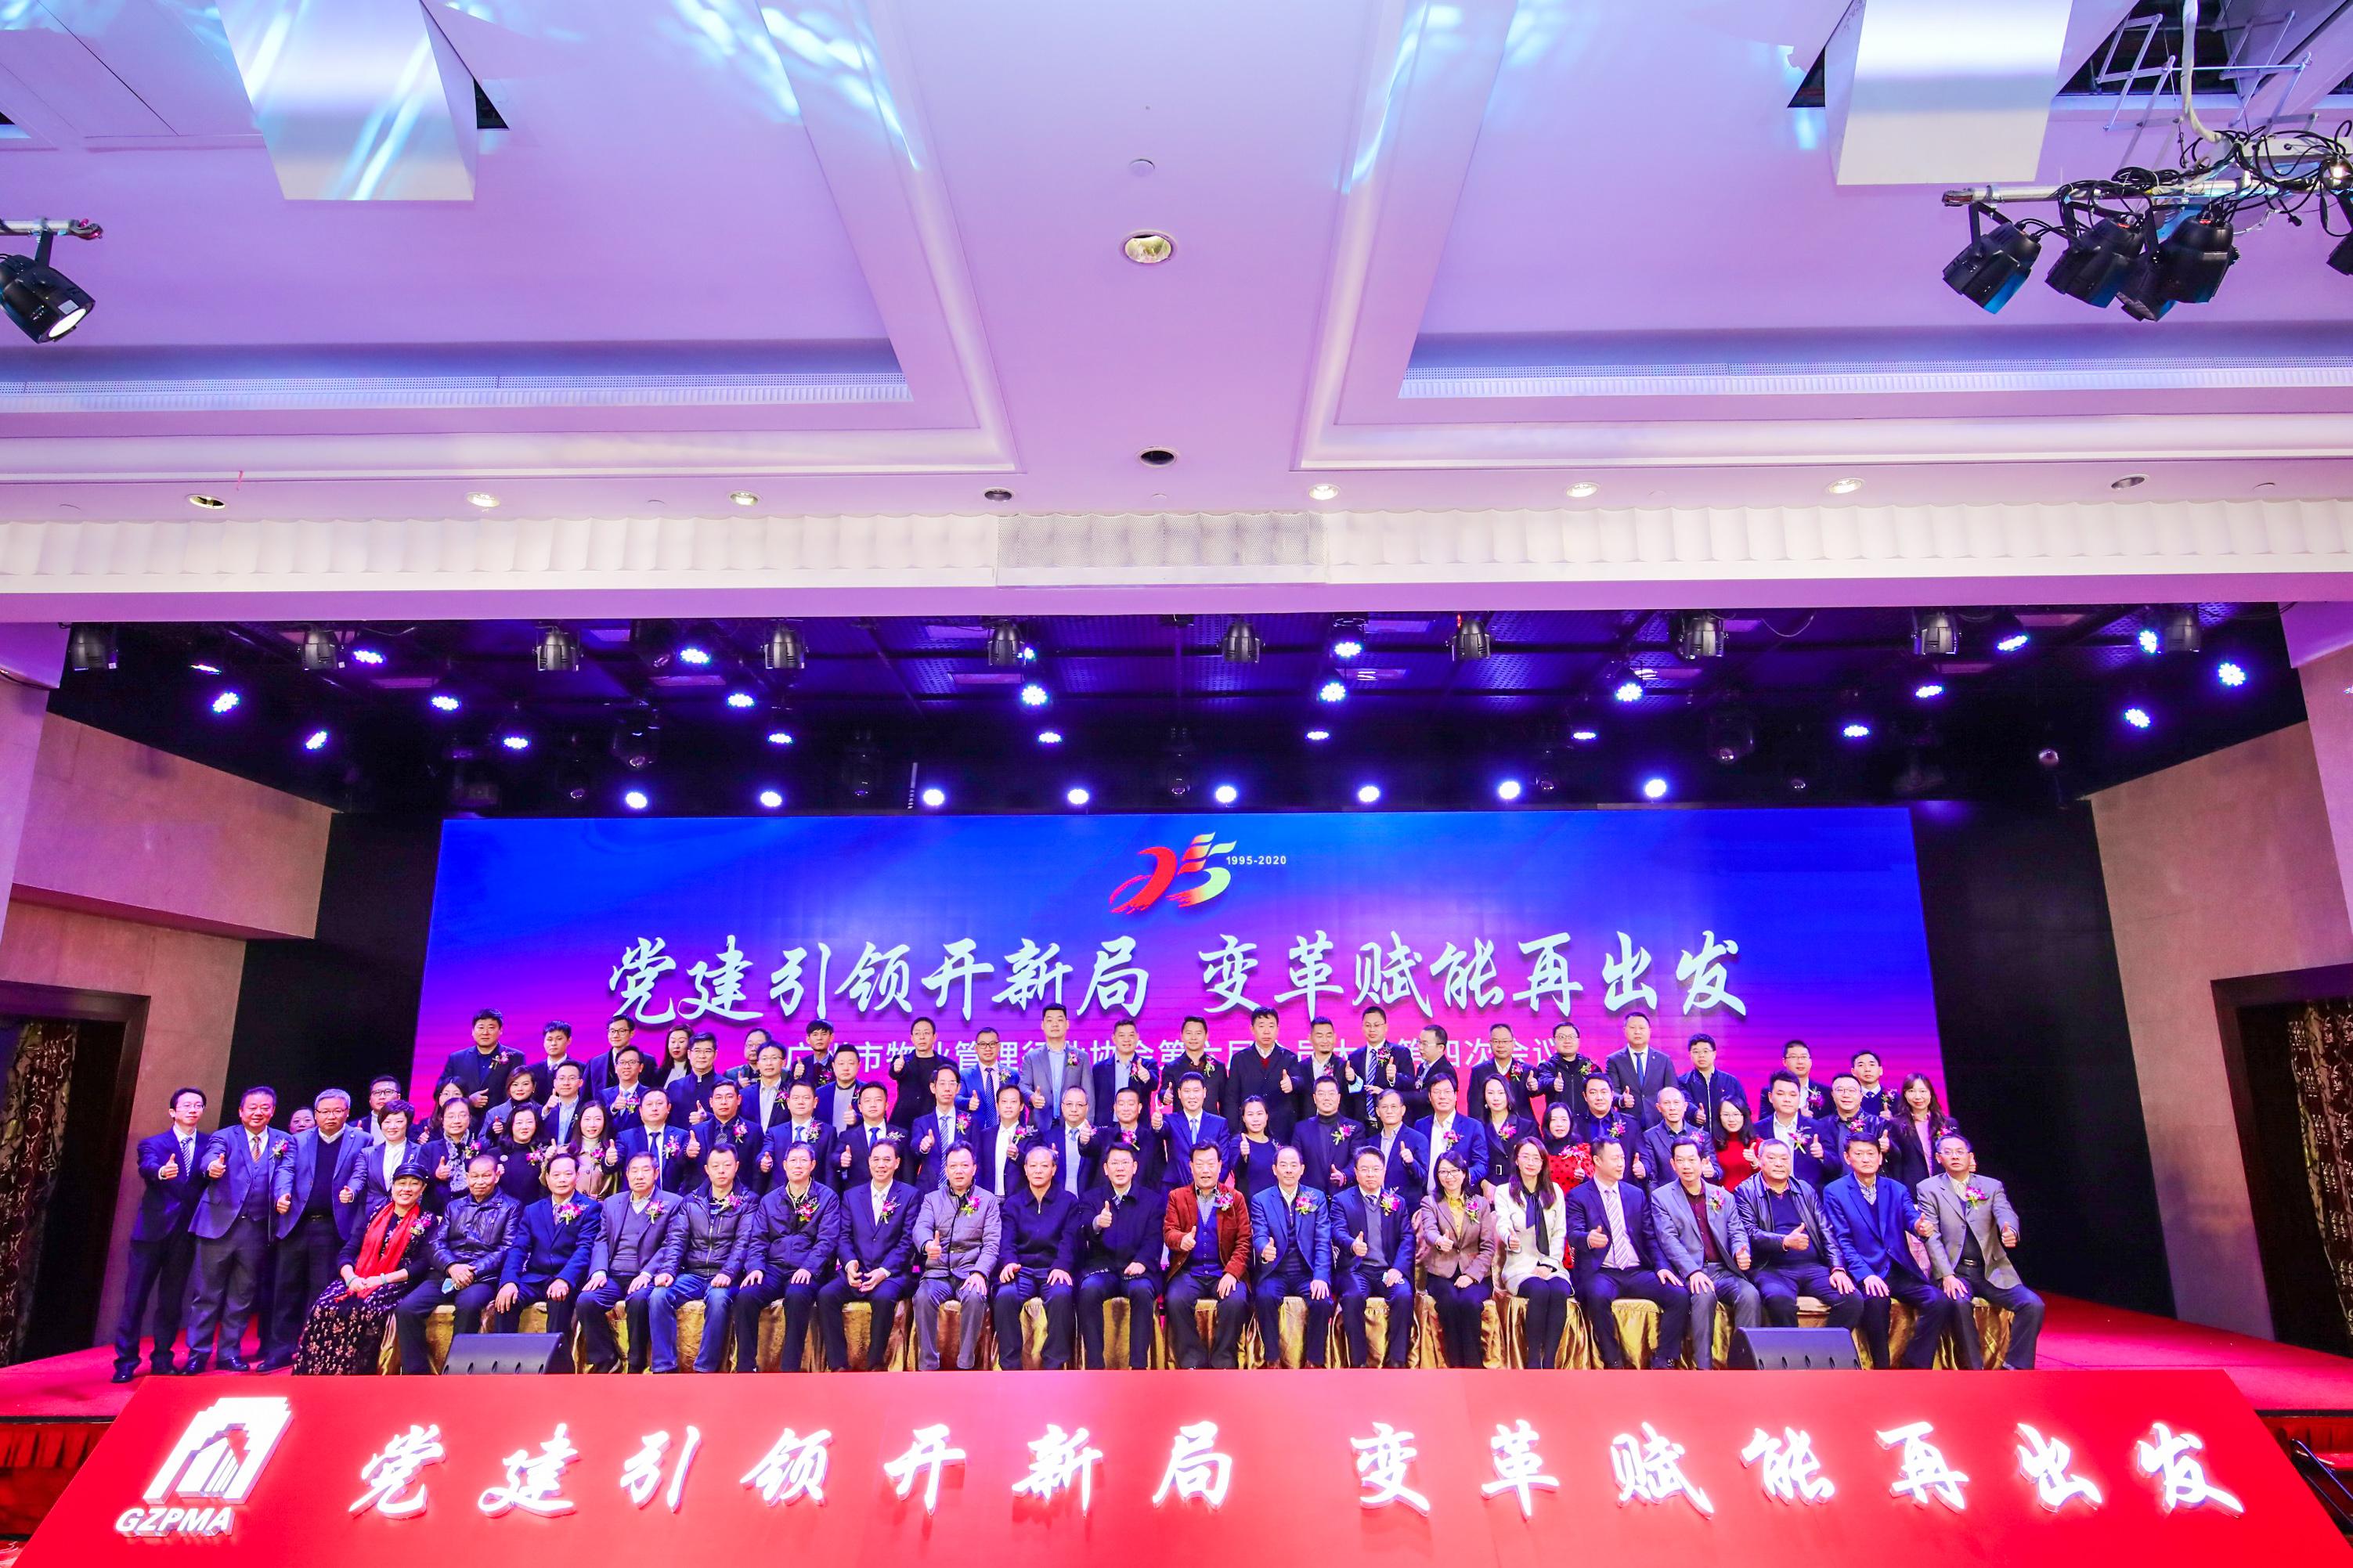 廣州市物業管理行業協會第六屆會員大會第四次會議暨2020年年會圓滿成功